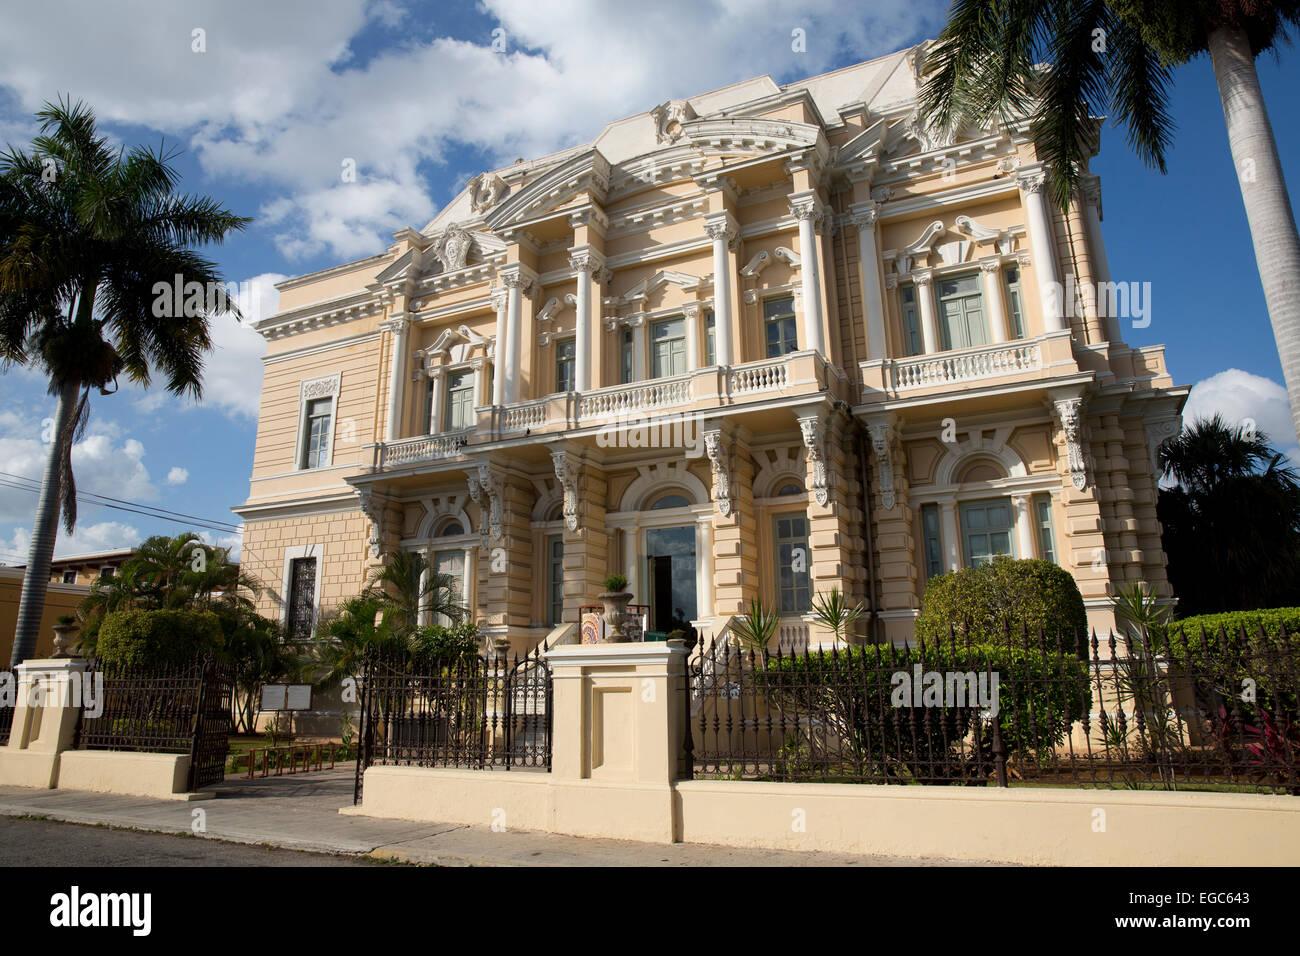 Museo Regional de Antropoligia, Merida, Yucatan, Mexico - Stock Image